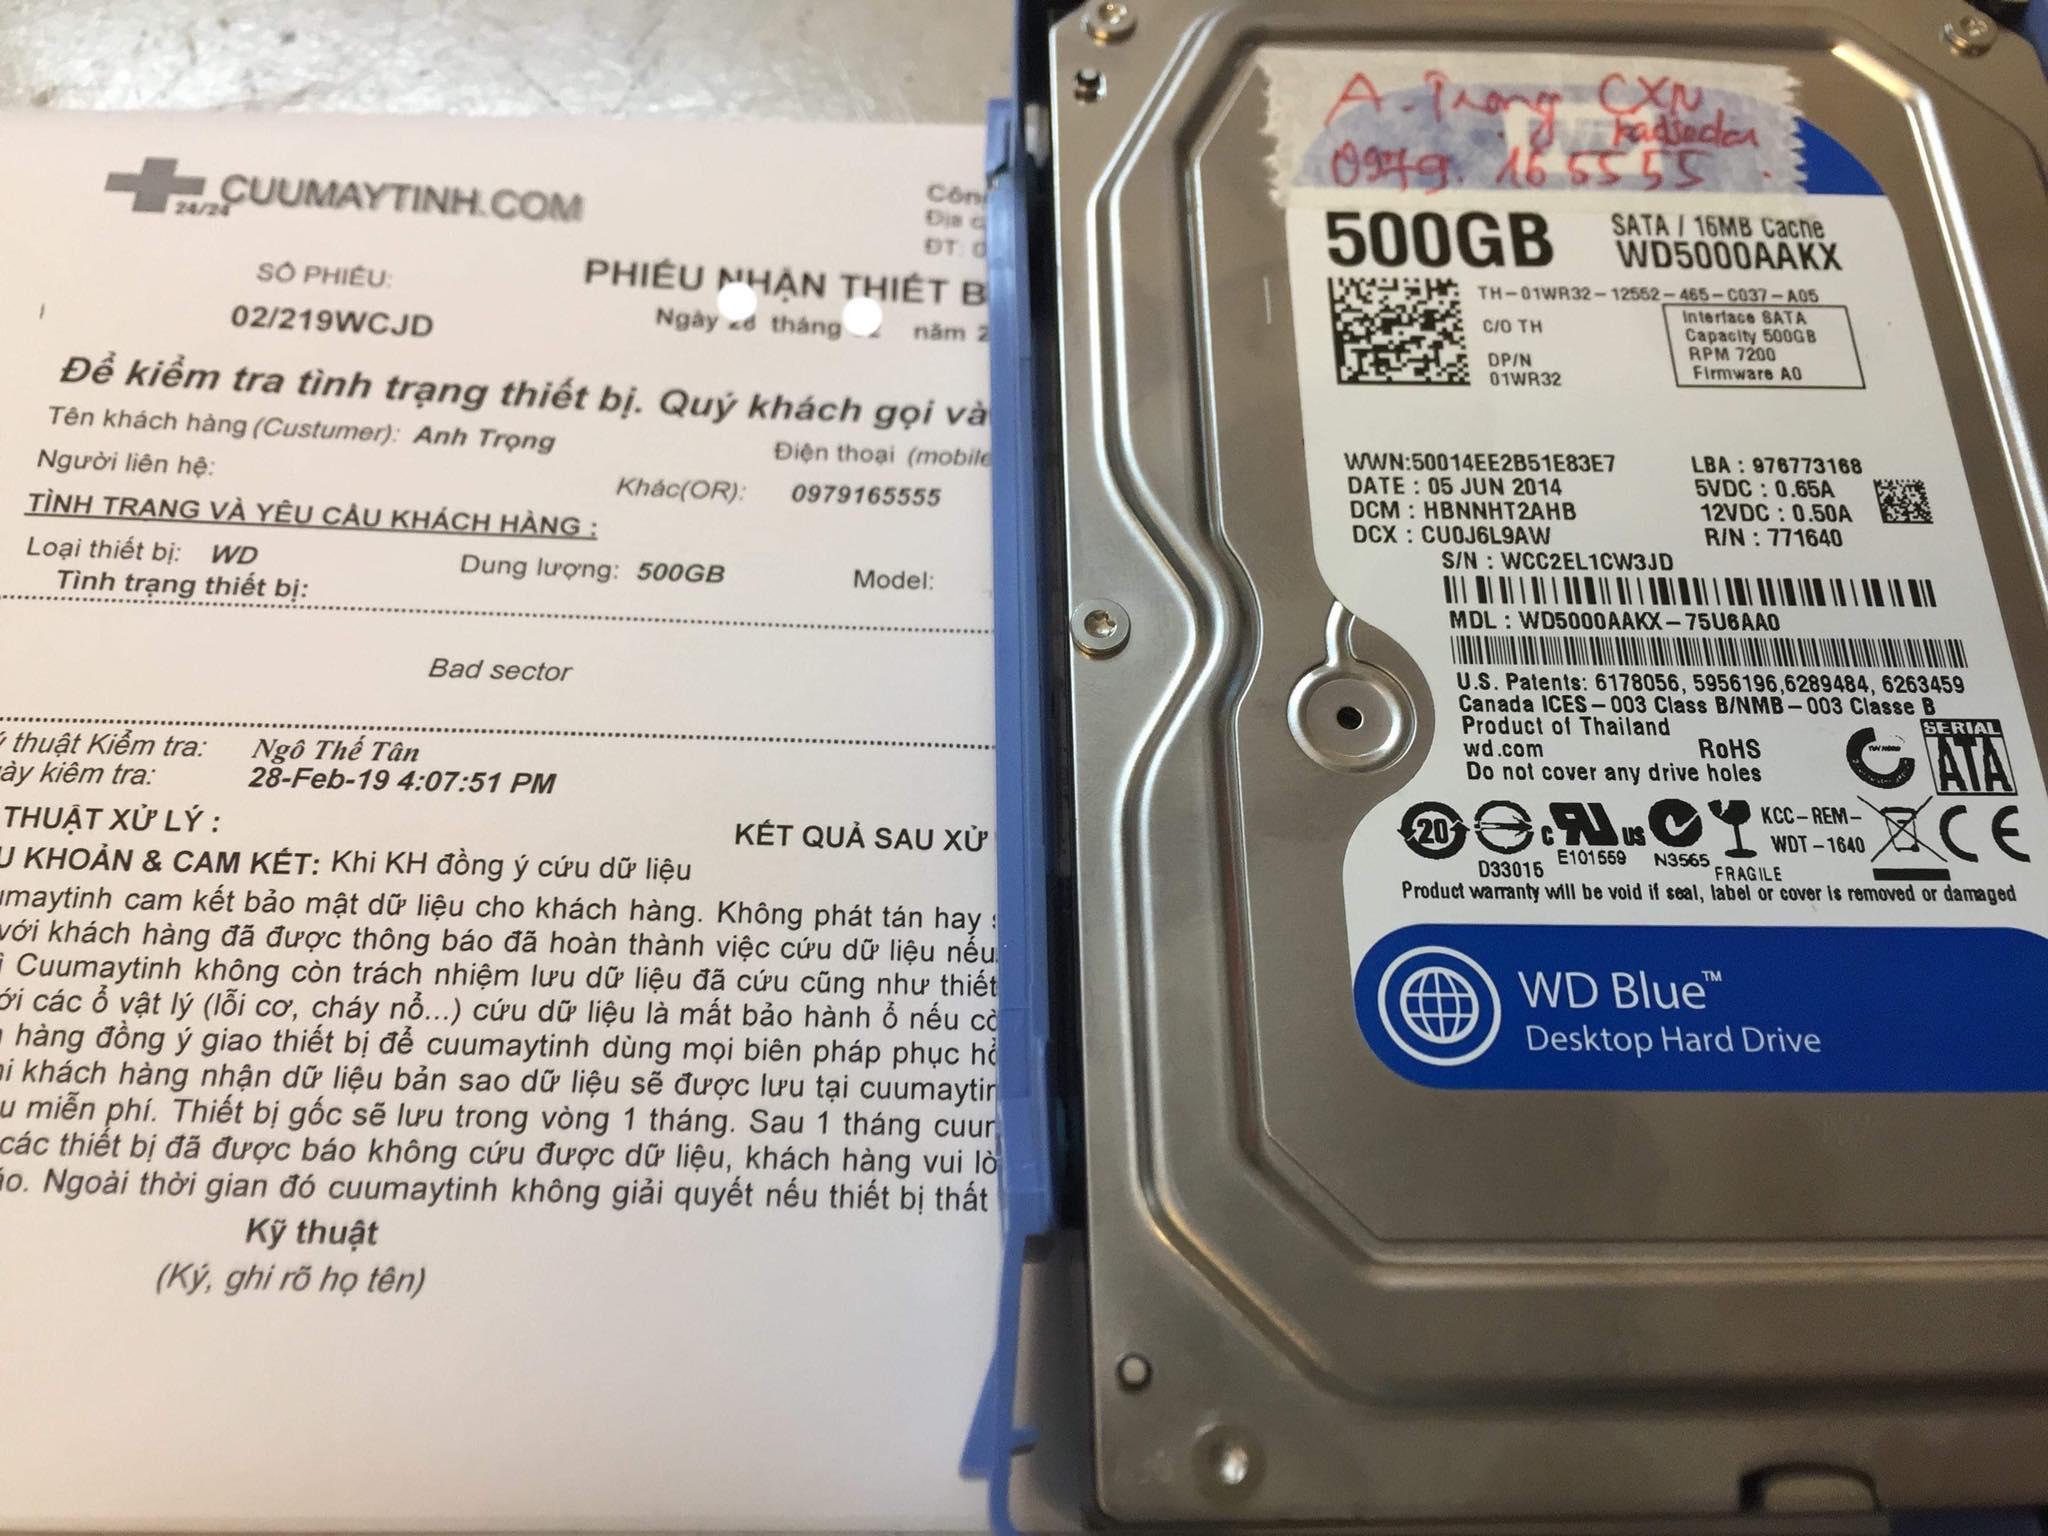 Lấy dữ liệu ổ cứng Western 500GB bad 09/03/2019 - cuumaytinh